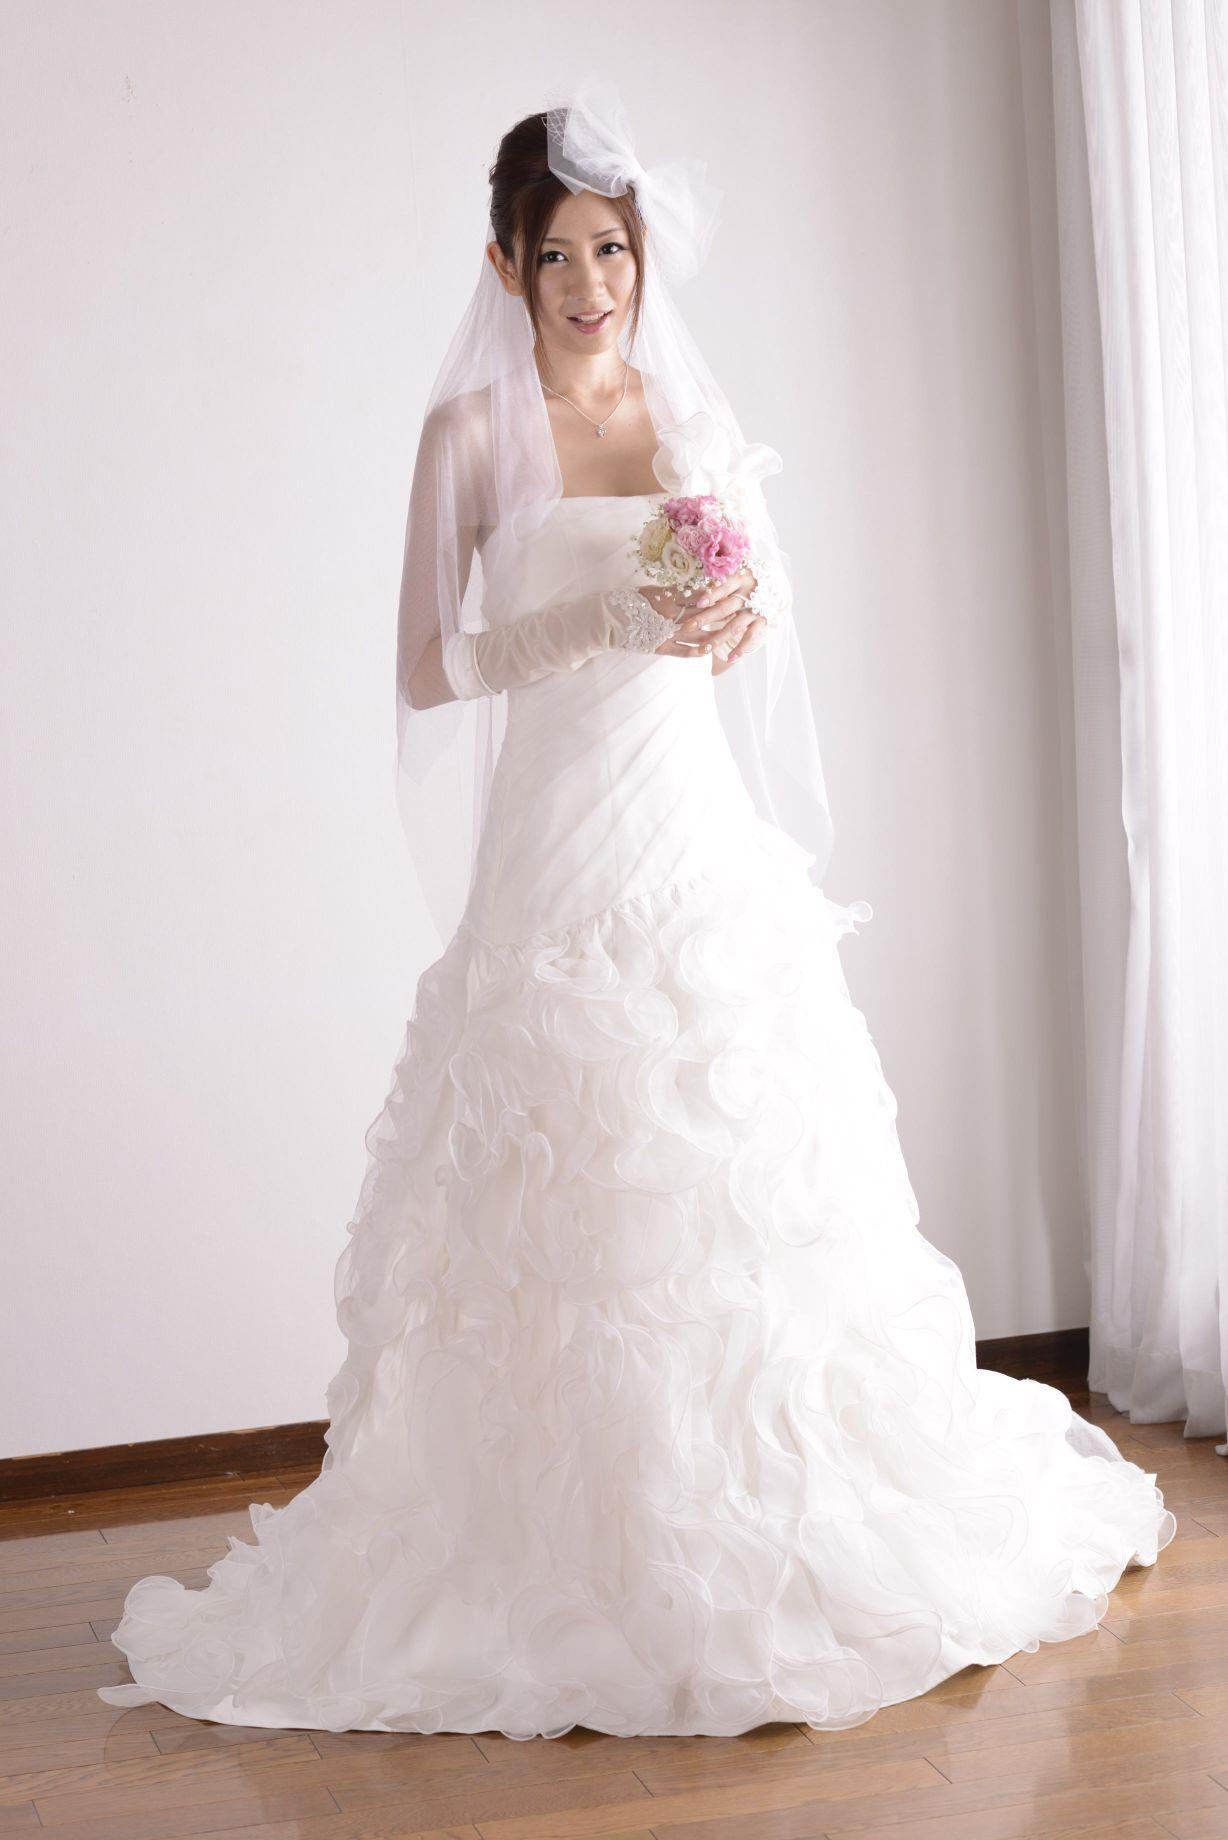 前田かおり ウェディングドレス画像 7